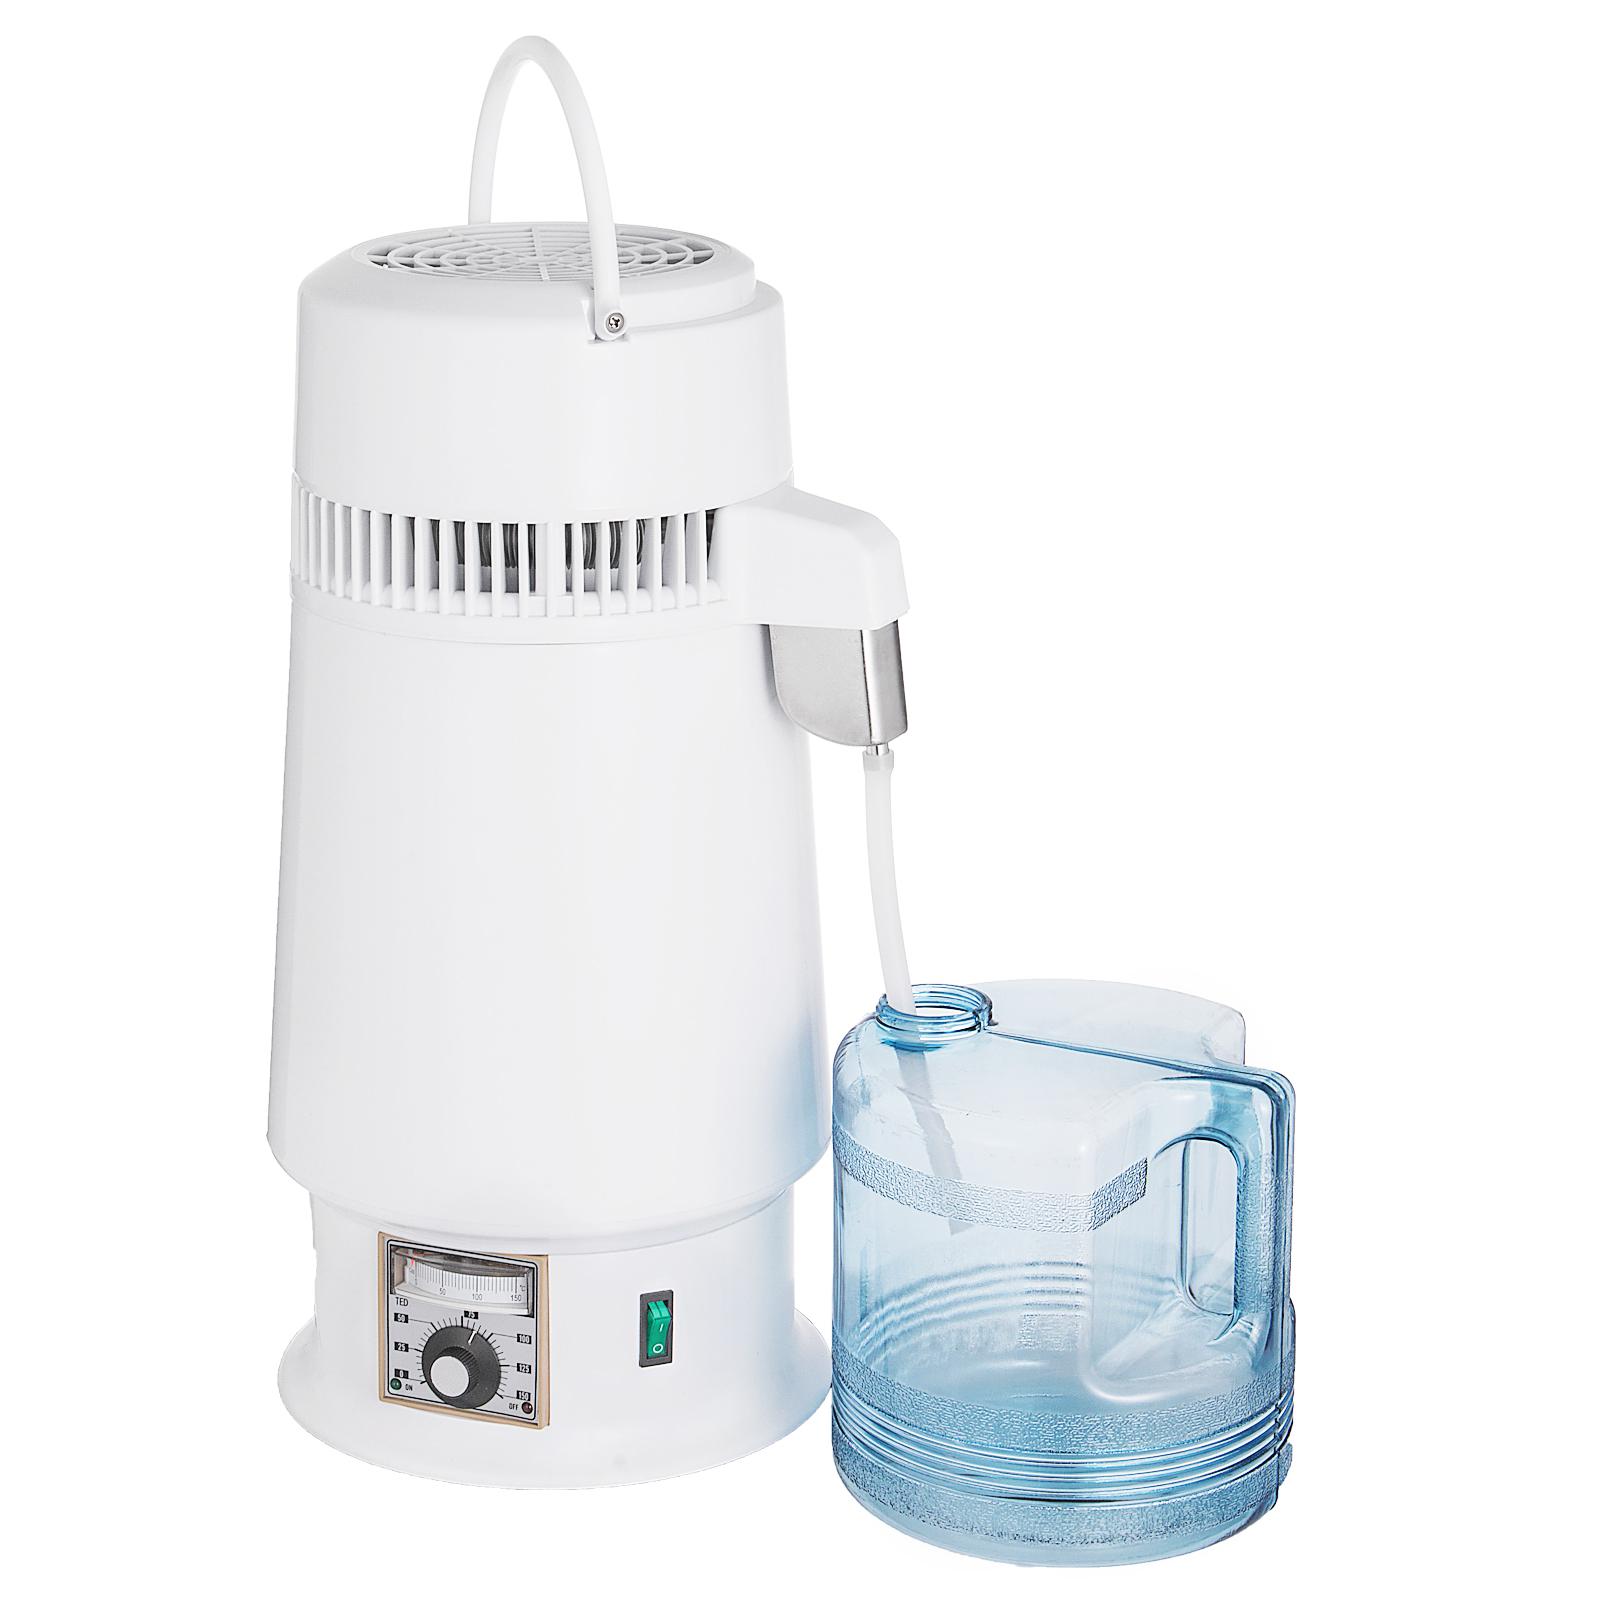 750W-4L-Wasser-Destilliergeraet-Water-Distiller-Einmachglas-Wasserflasche-Zuhause Indexbild 75